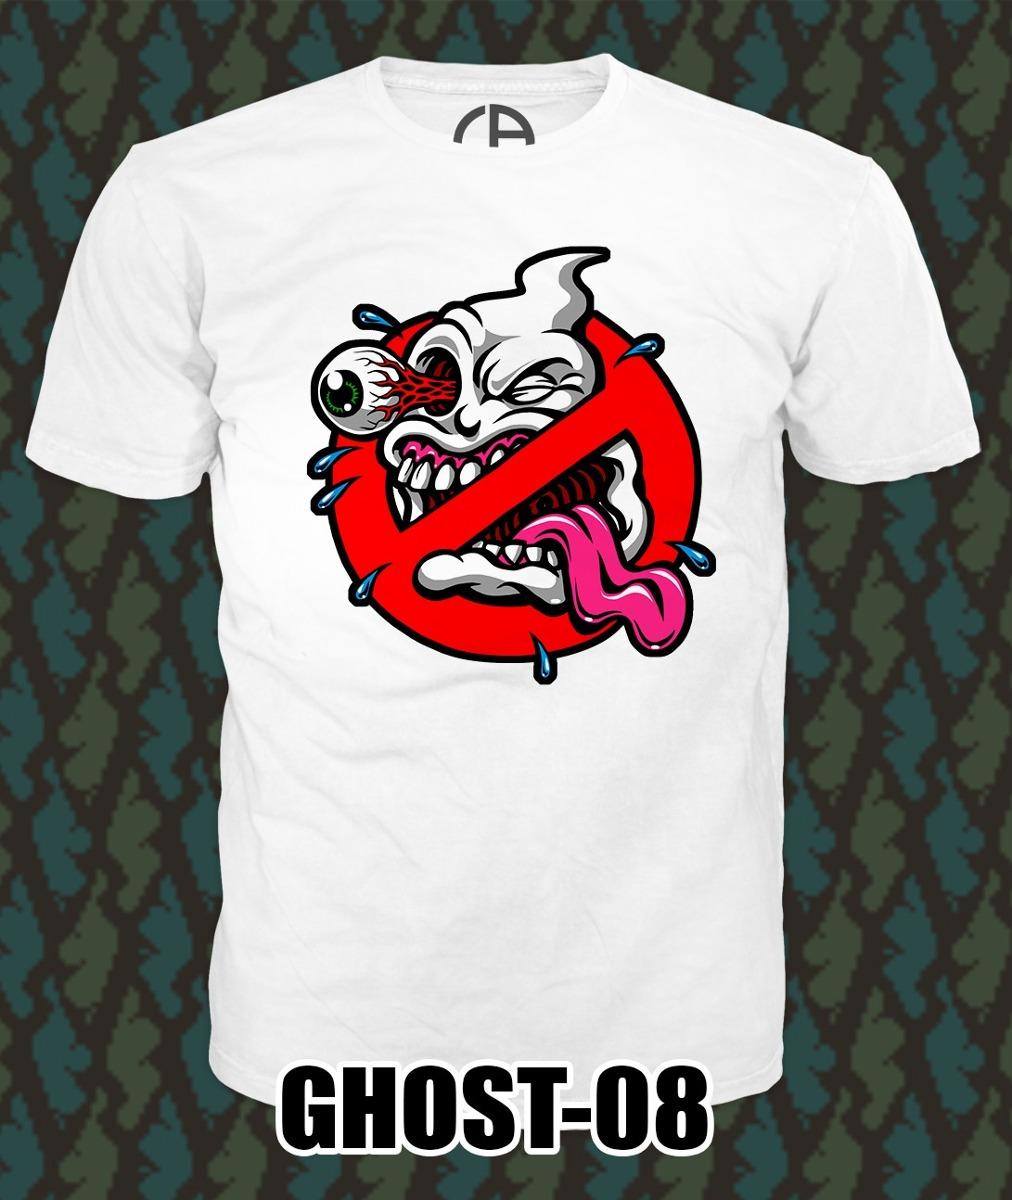 Playeras Ghost Busters Caza Fantasmas Varios Diseños -   150.00 en ... d43c4f5ca9401